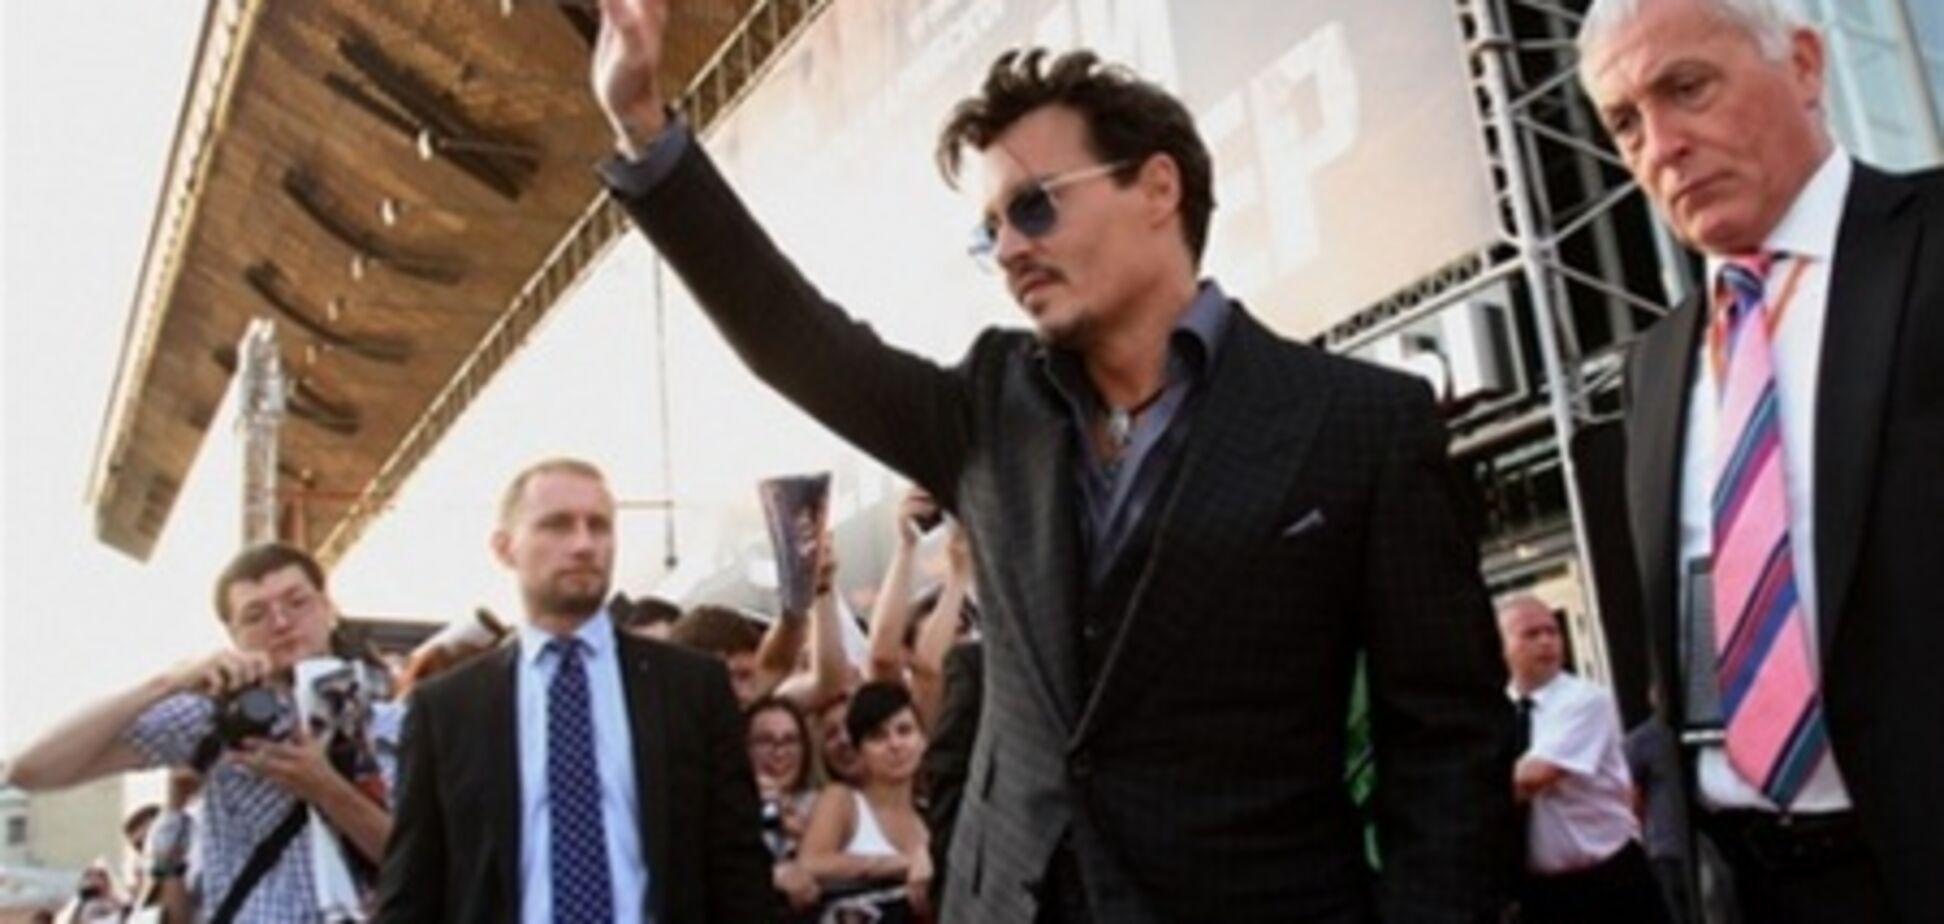 Джонни Депп в Москве: паровоз, фанаты и злой телохранитель